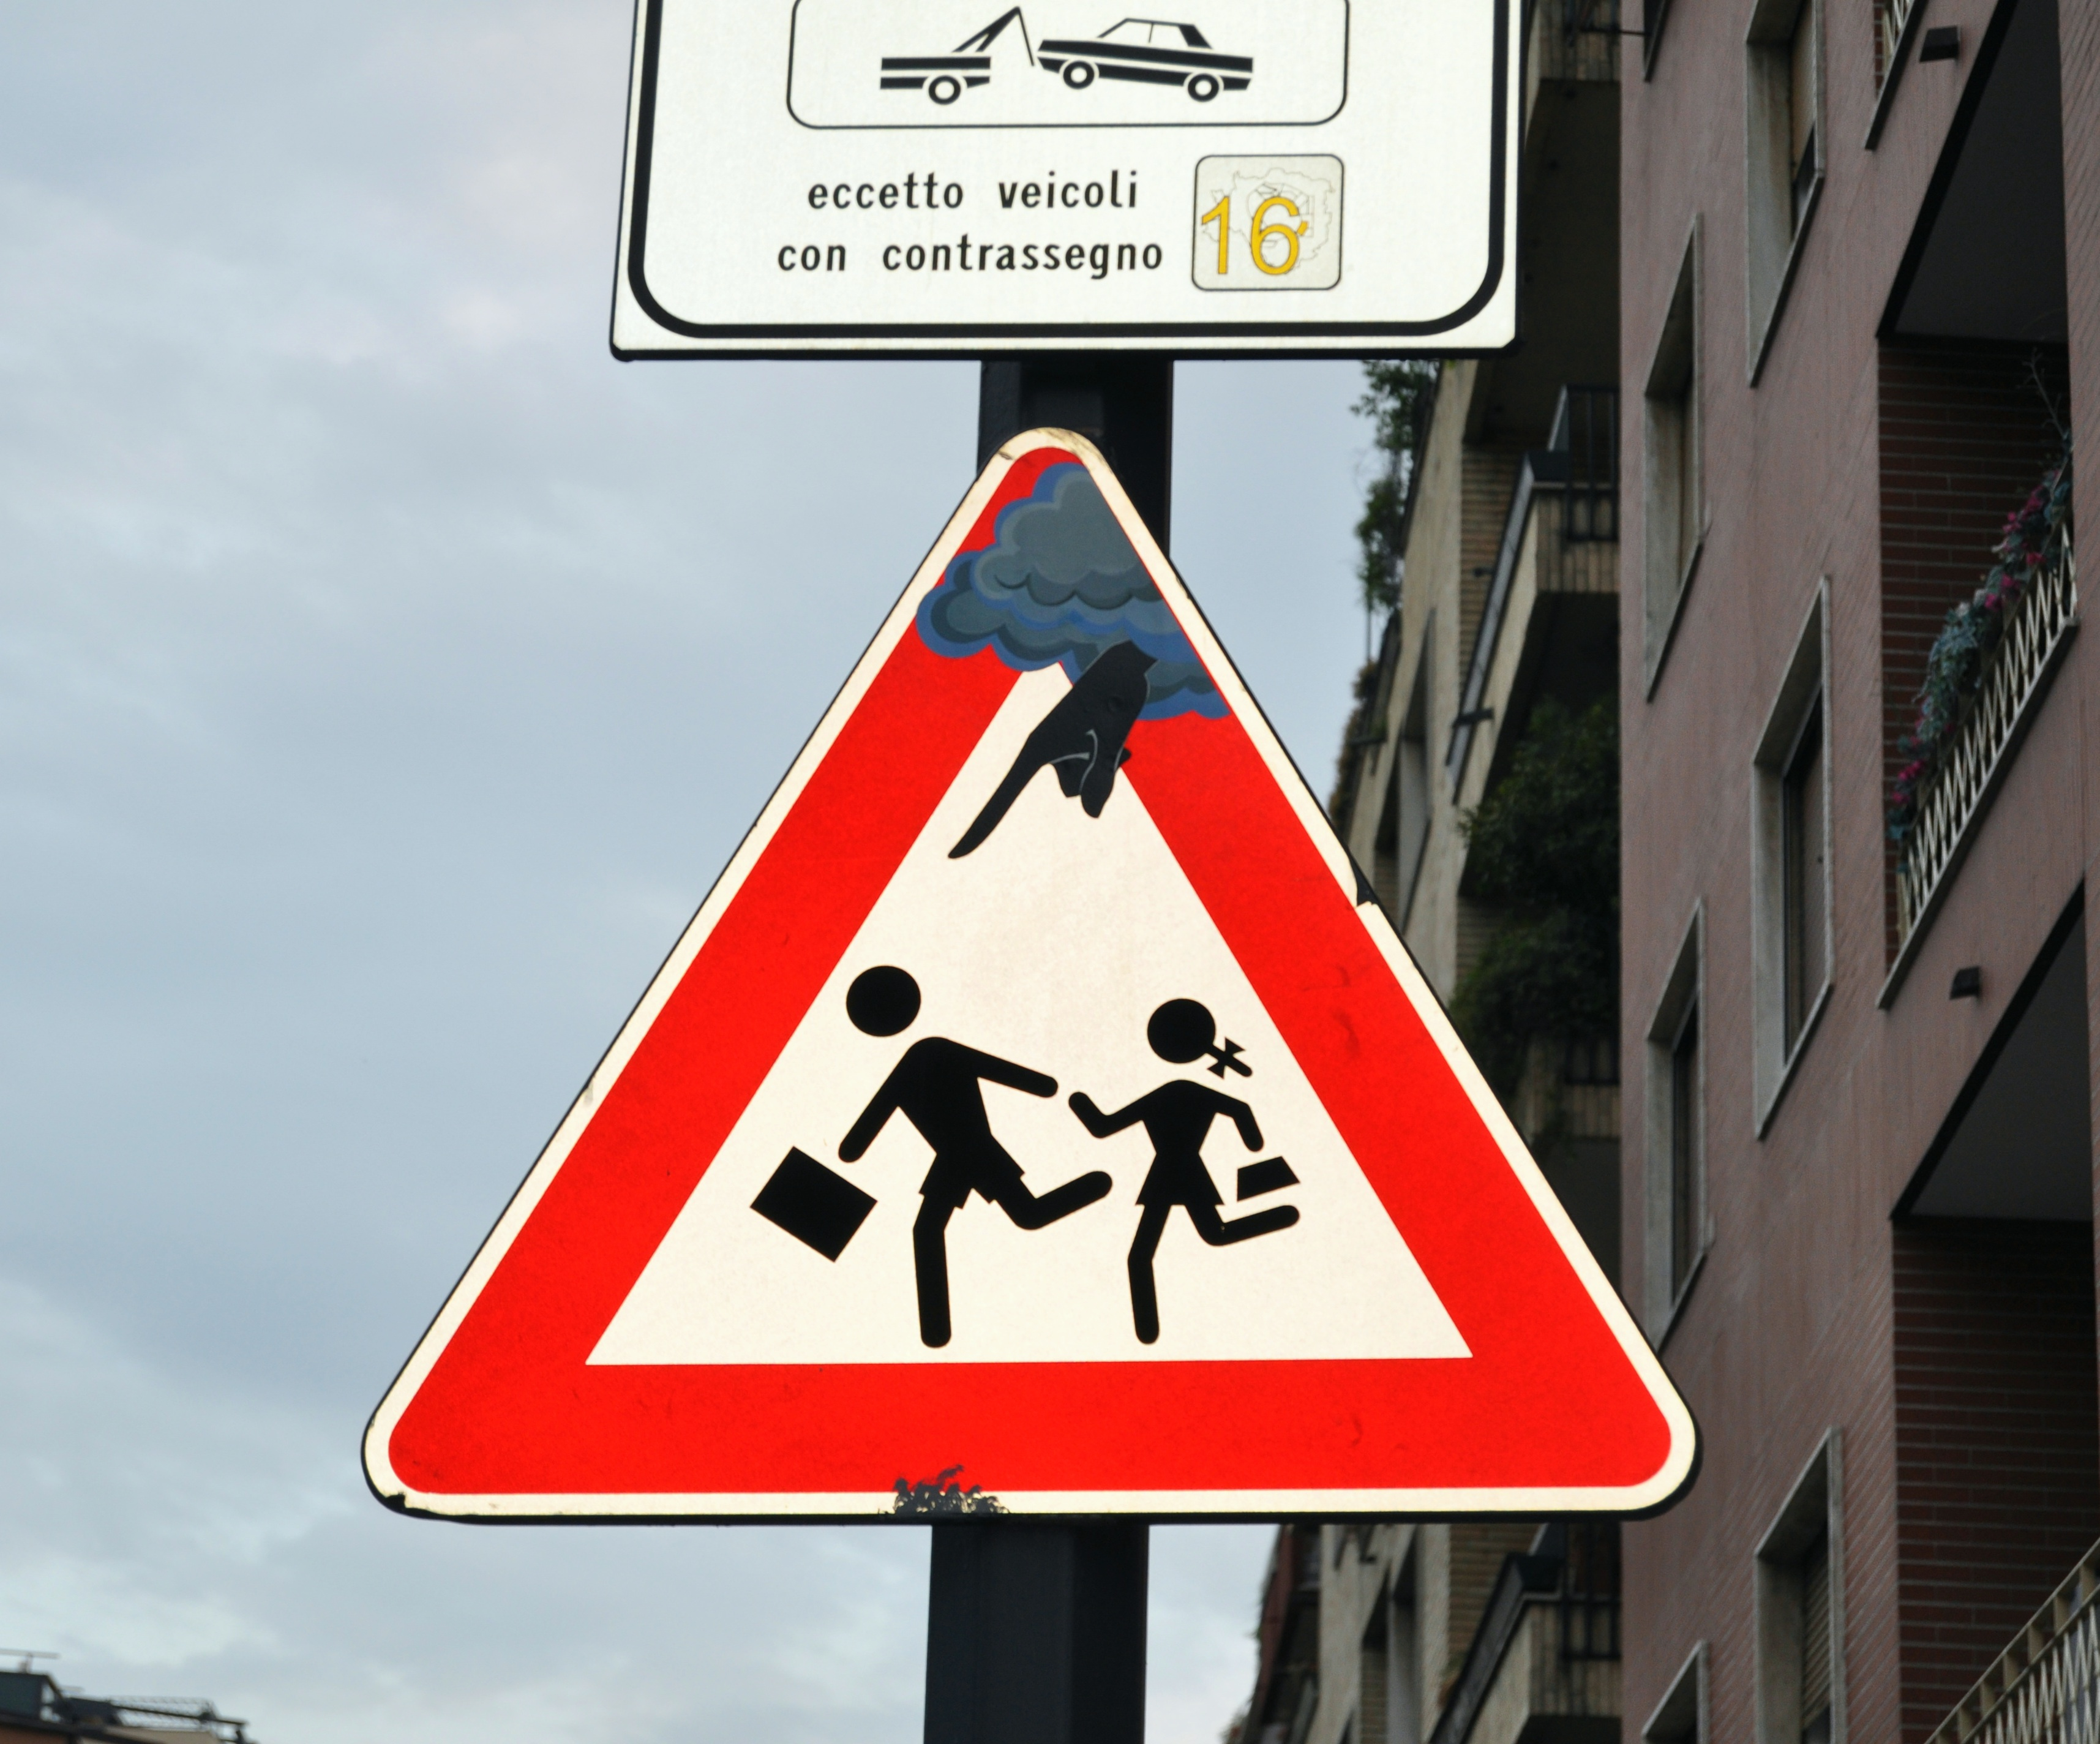 """""""Pericolo scuola e temporali"""" by Lino M on Flickr (CC BY-SA 2.0)"""